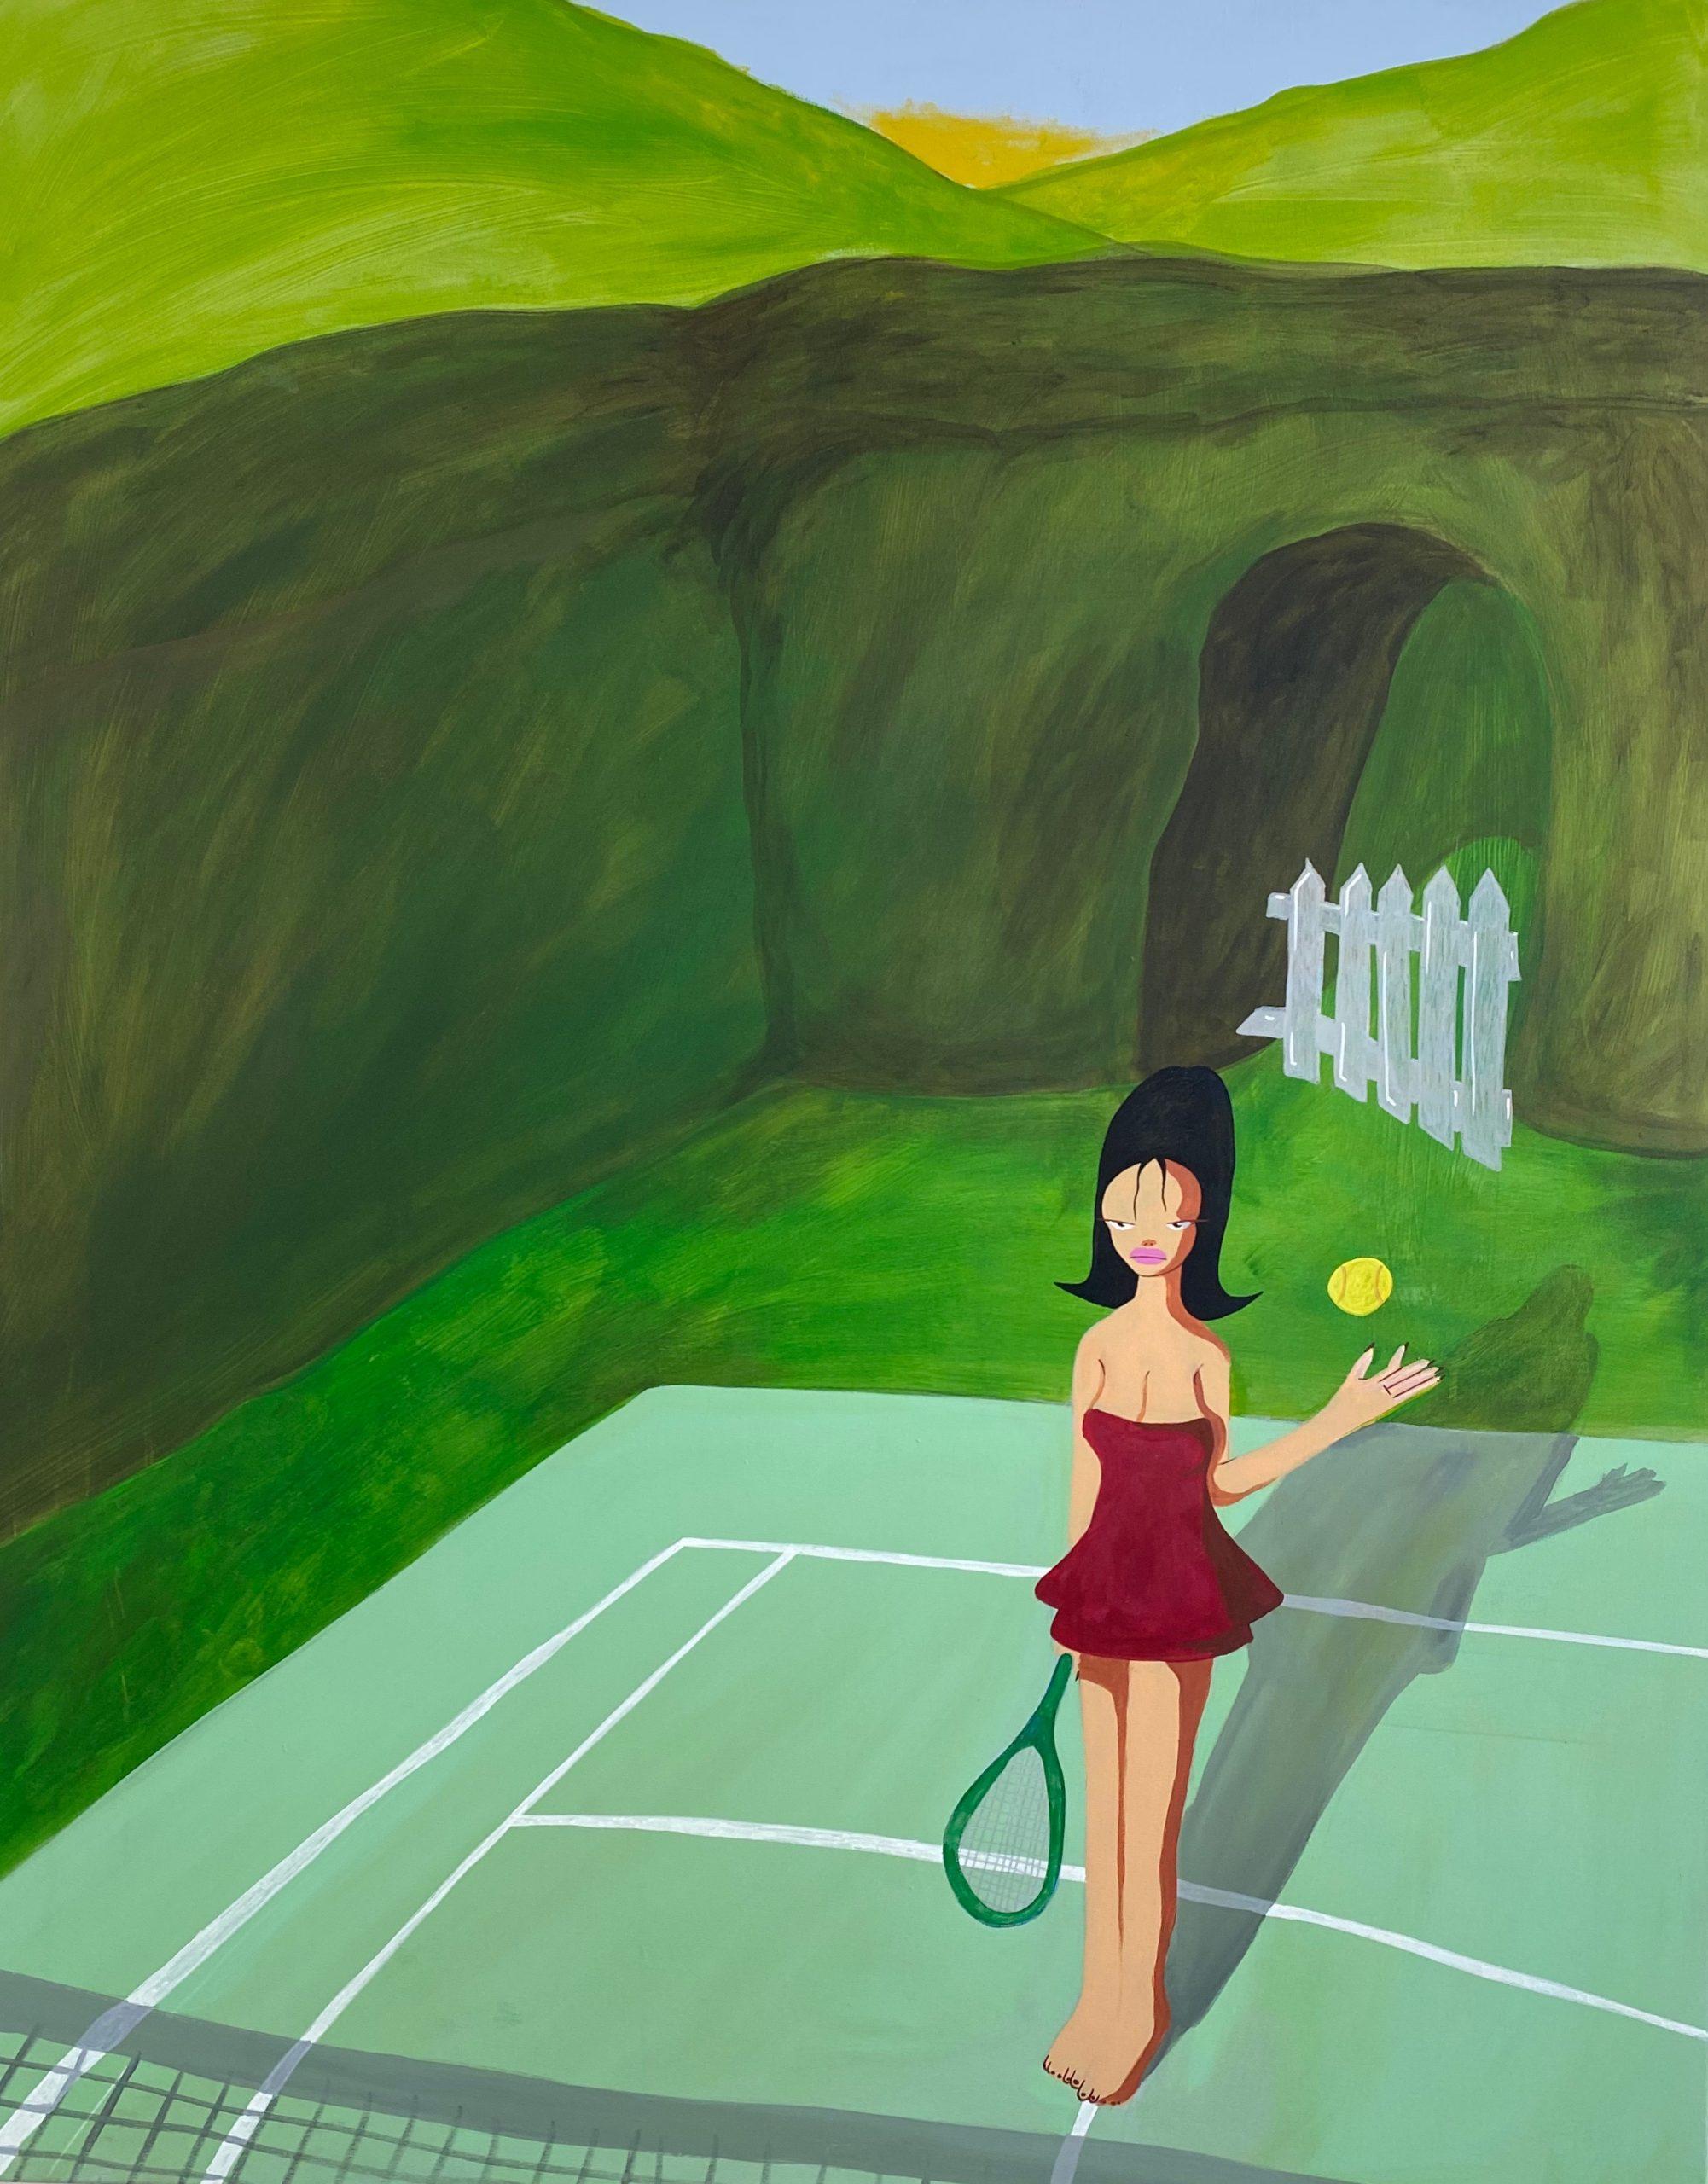 Tennis by Ben Evans